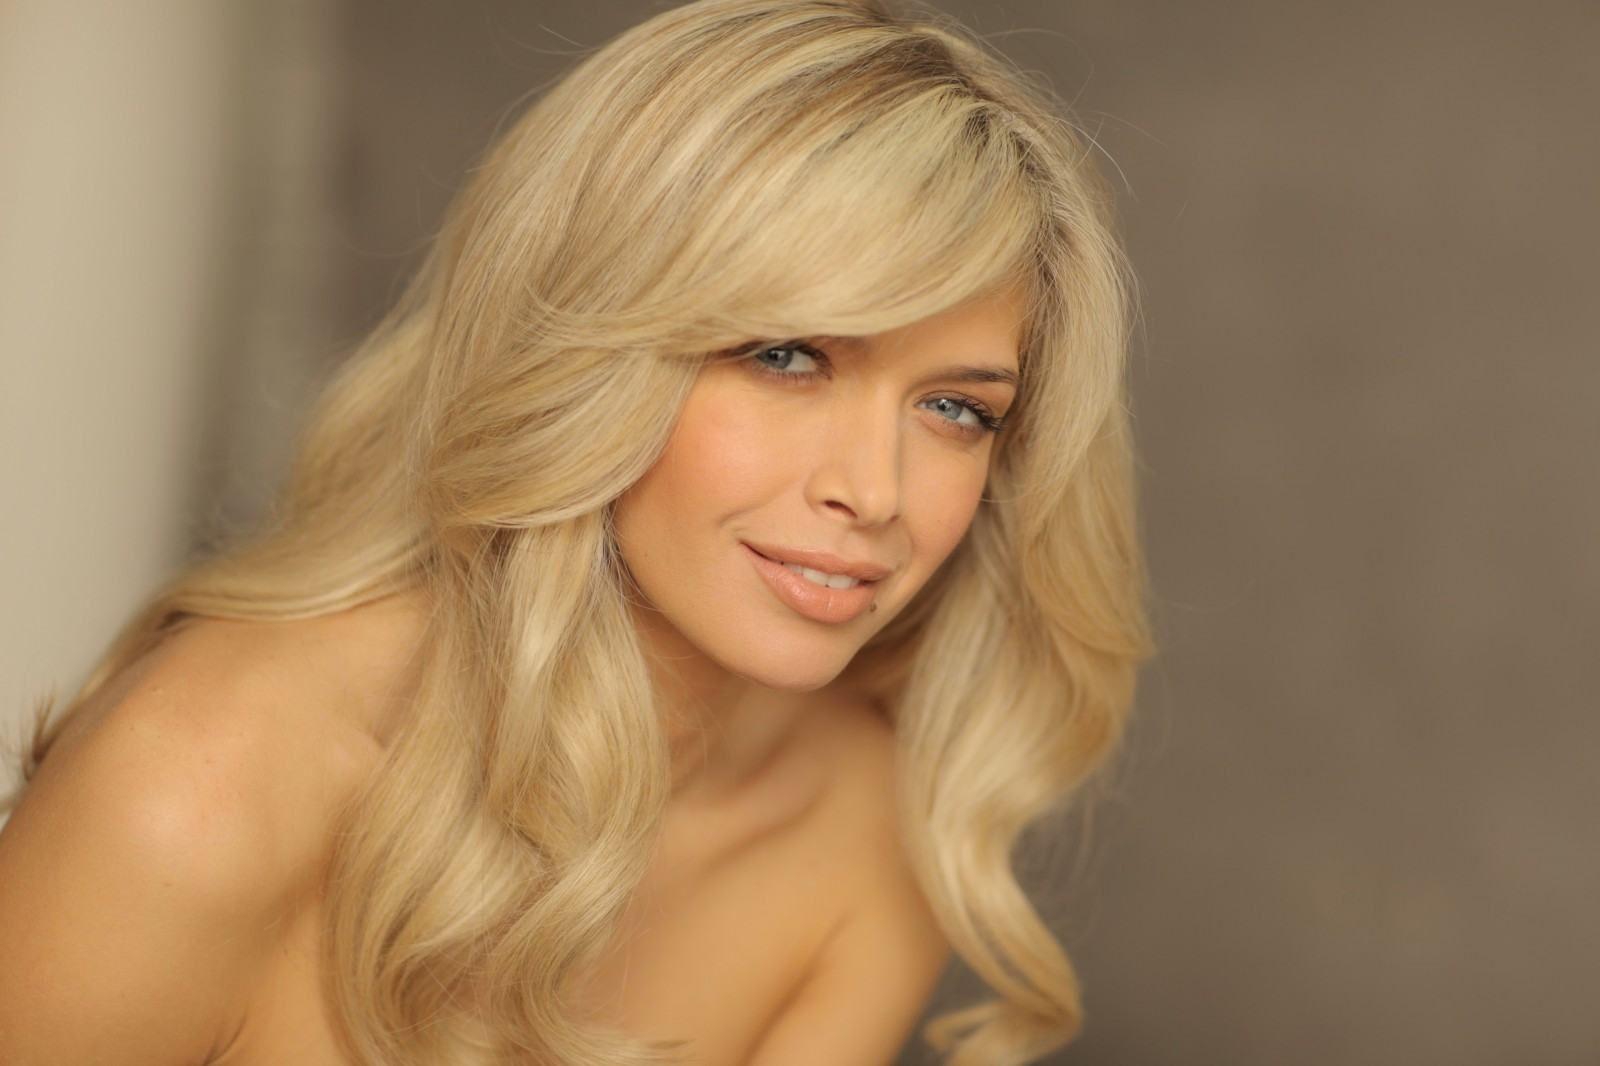 Самая красивая фигура девушки онлайн 28 фотография